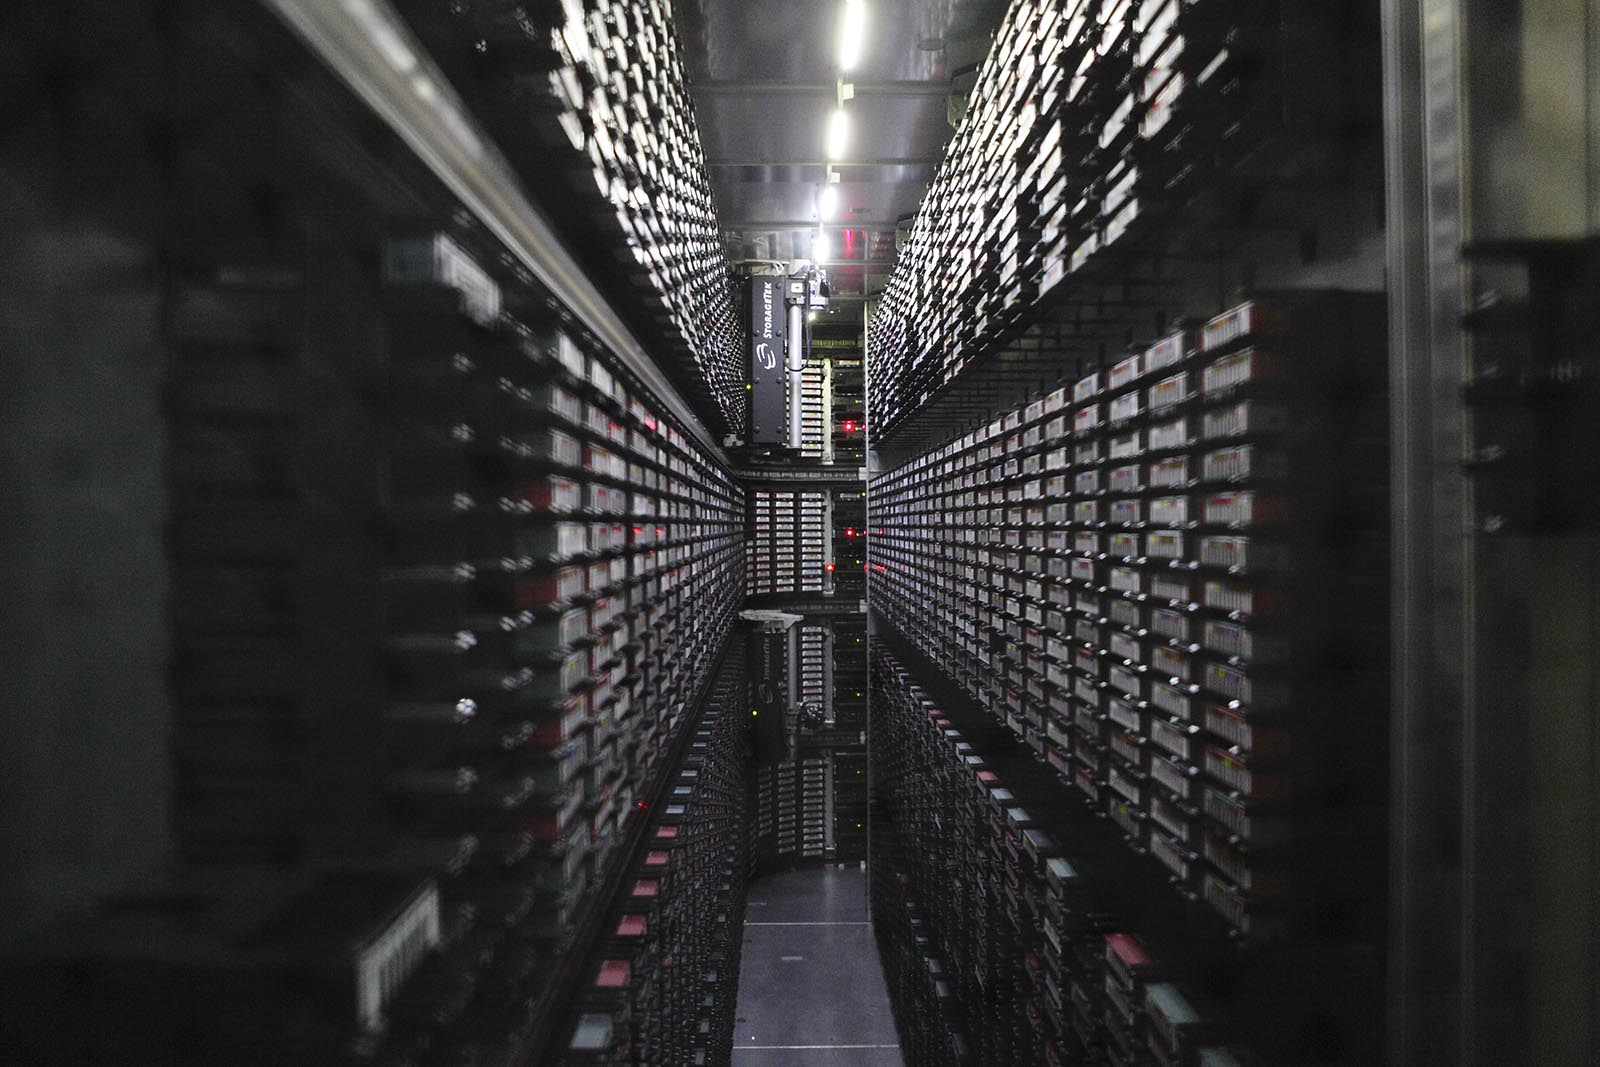 StorageTek SL8500